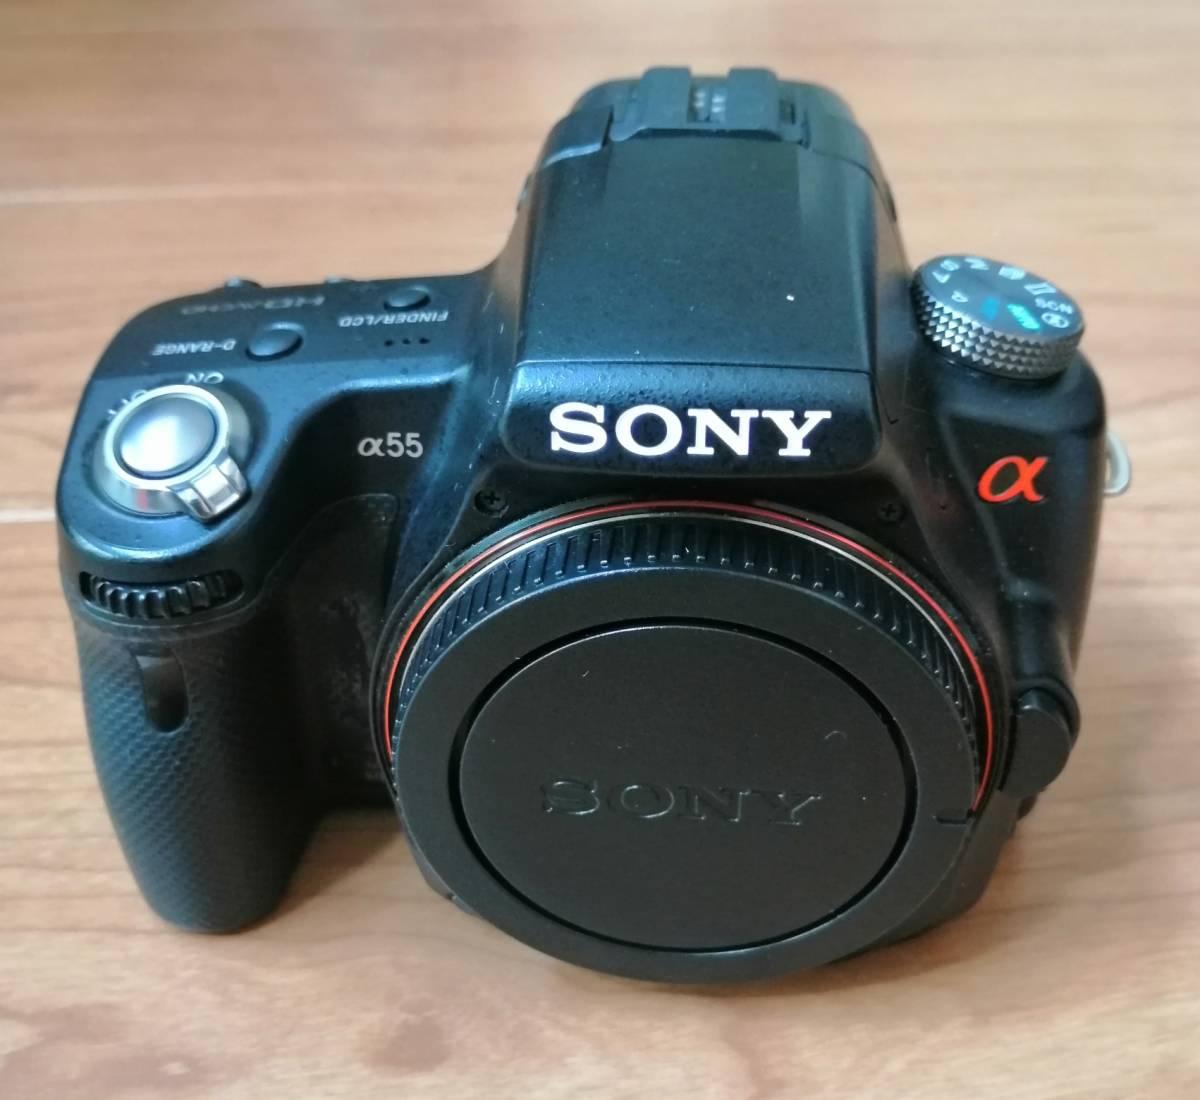 SONY α55本体【ジャンク品】、純正バッテリー、純正充電器_画像3